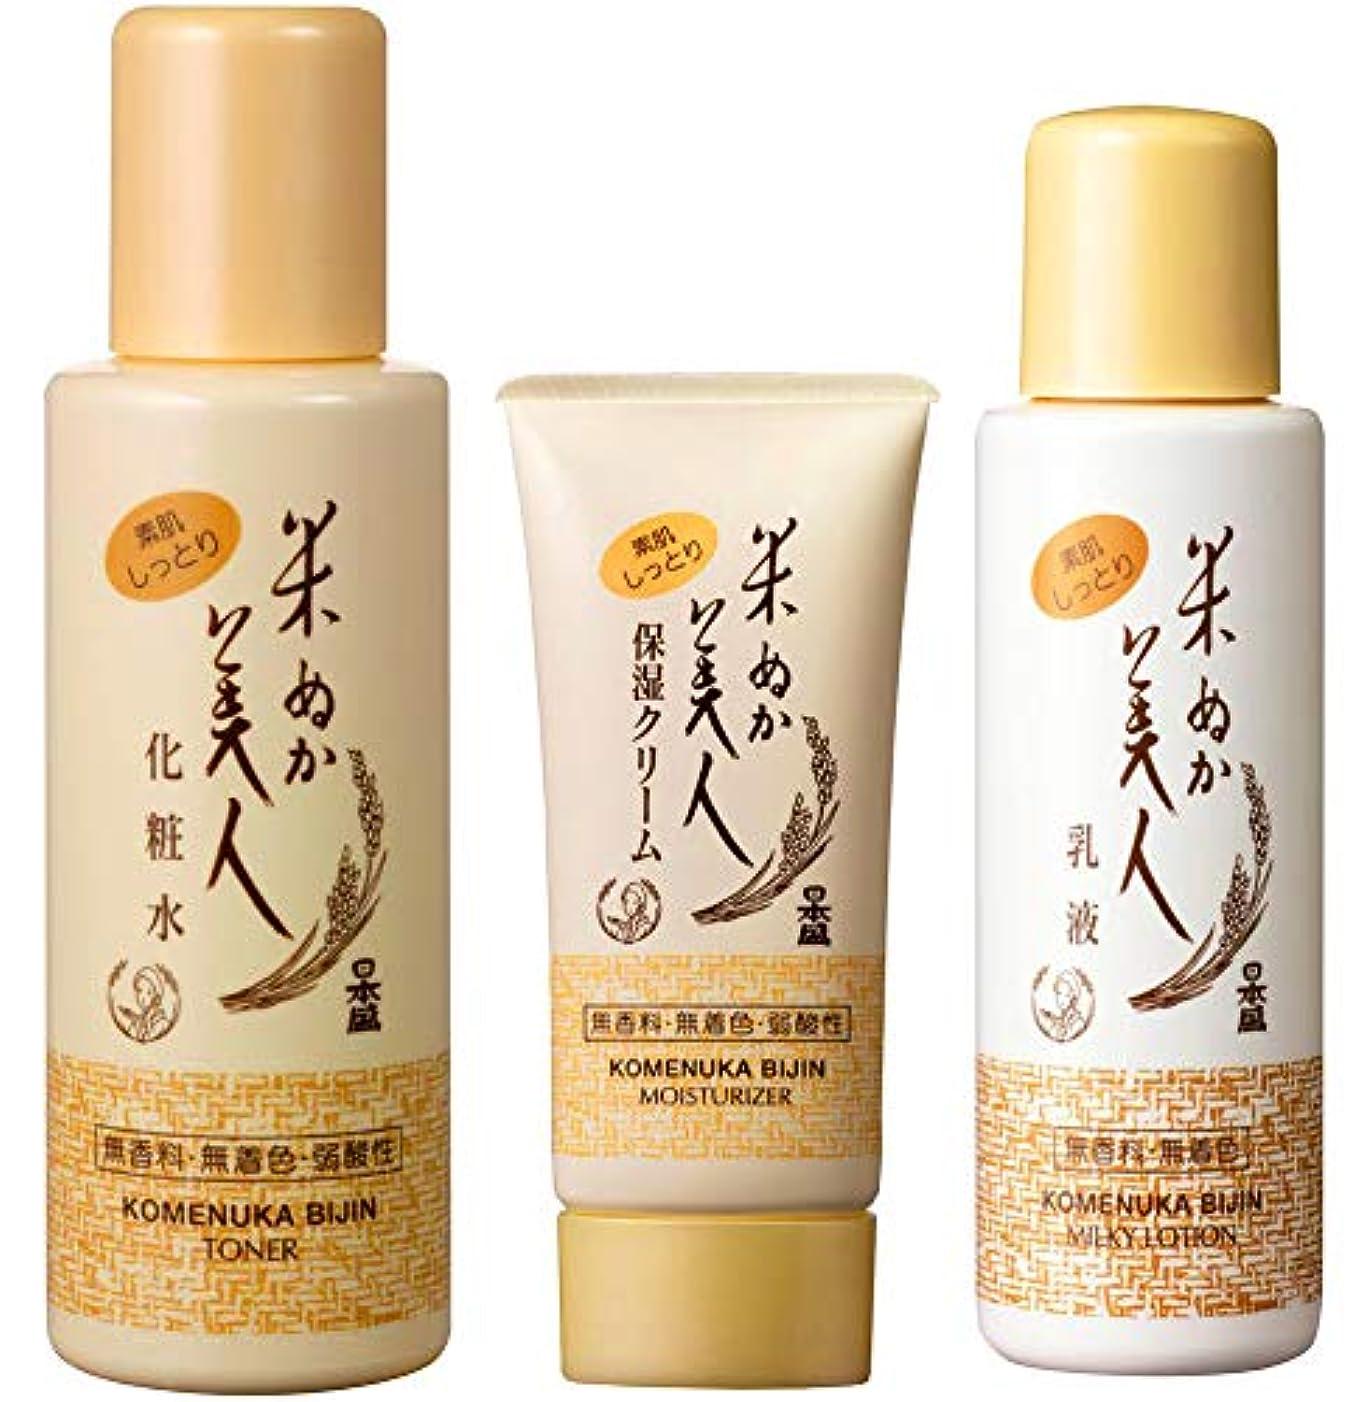 クリーク合併消化【まとめ買い3点セット】日本盛「米ぬか美人」 化粧水(120ml)+ 乳液(100ml)+ 保湿クリーム(35g)